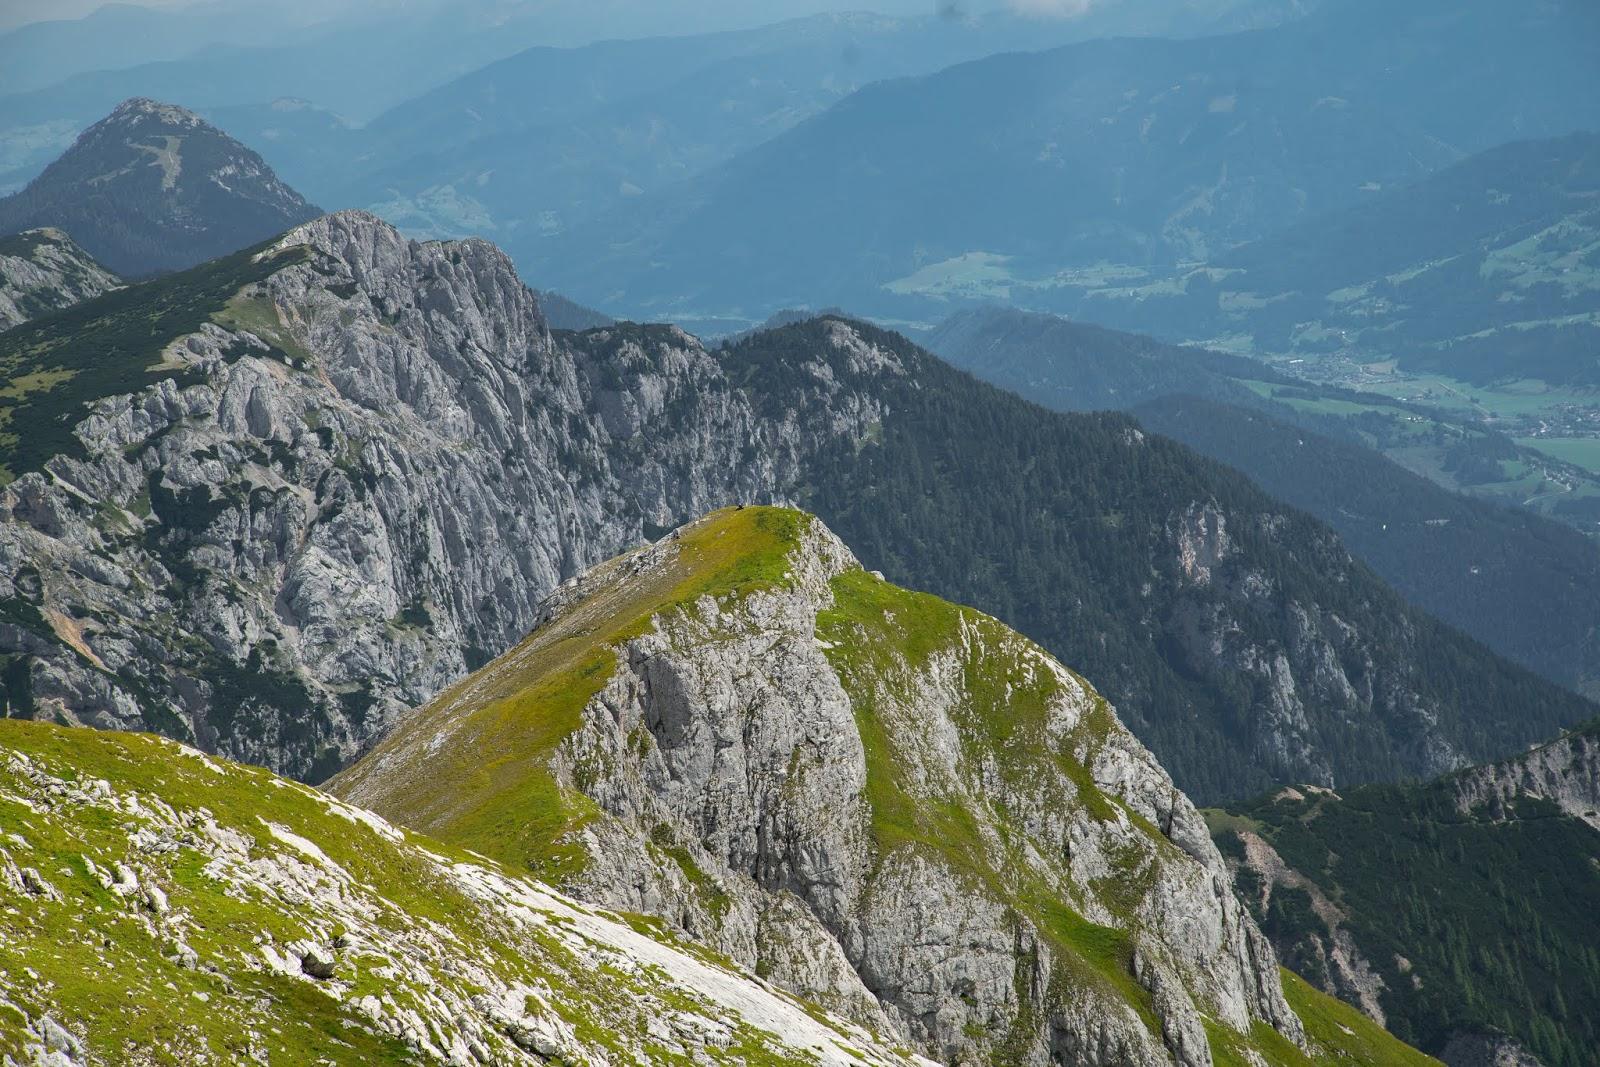 Klettersteig Dachstein : Hias klettersteig silberkarklamm k d ramsau am dachstein